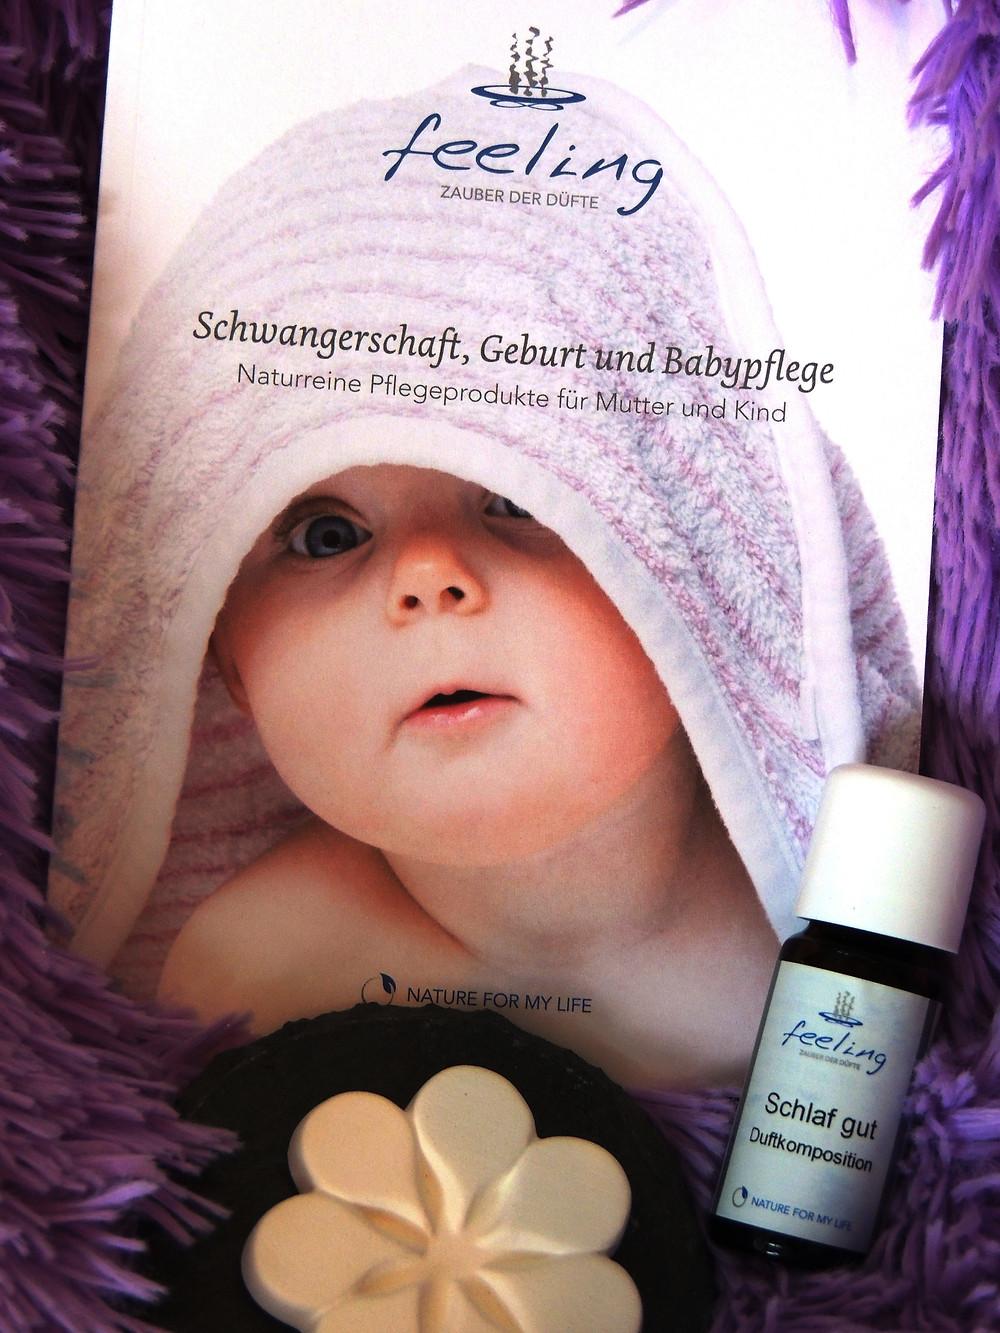 Feeling Zauber der Düfte; Broschüre Schwangerschaft, Geburt und BabyPflege, Naturreine Pflegeprodukte für Mutter und Kind